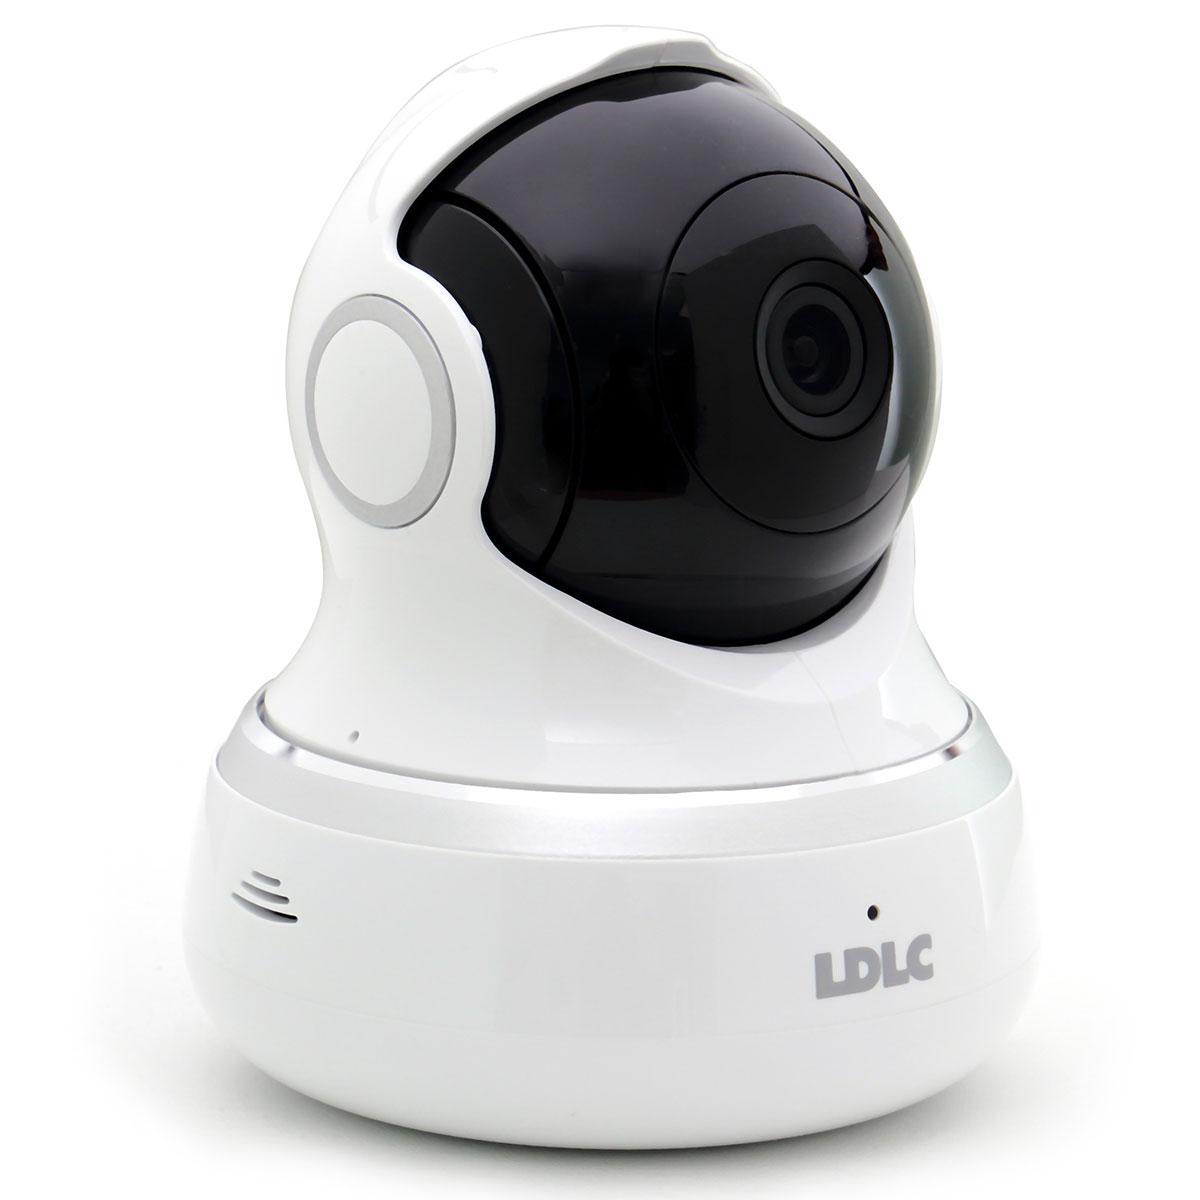 Ldlc c6b cam ra ip ldlc sur - Camera wifi interieur ...